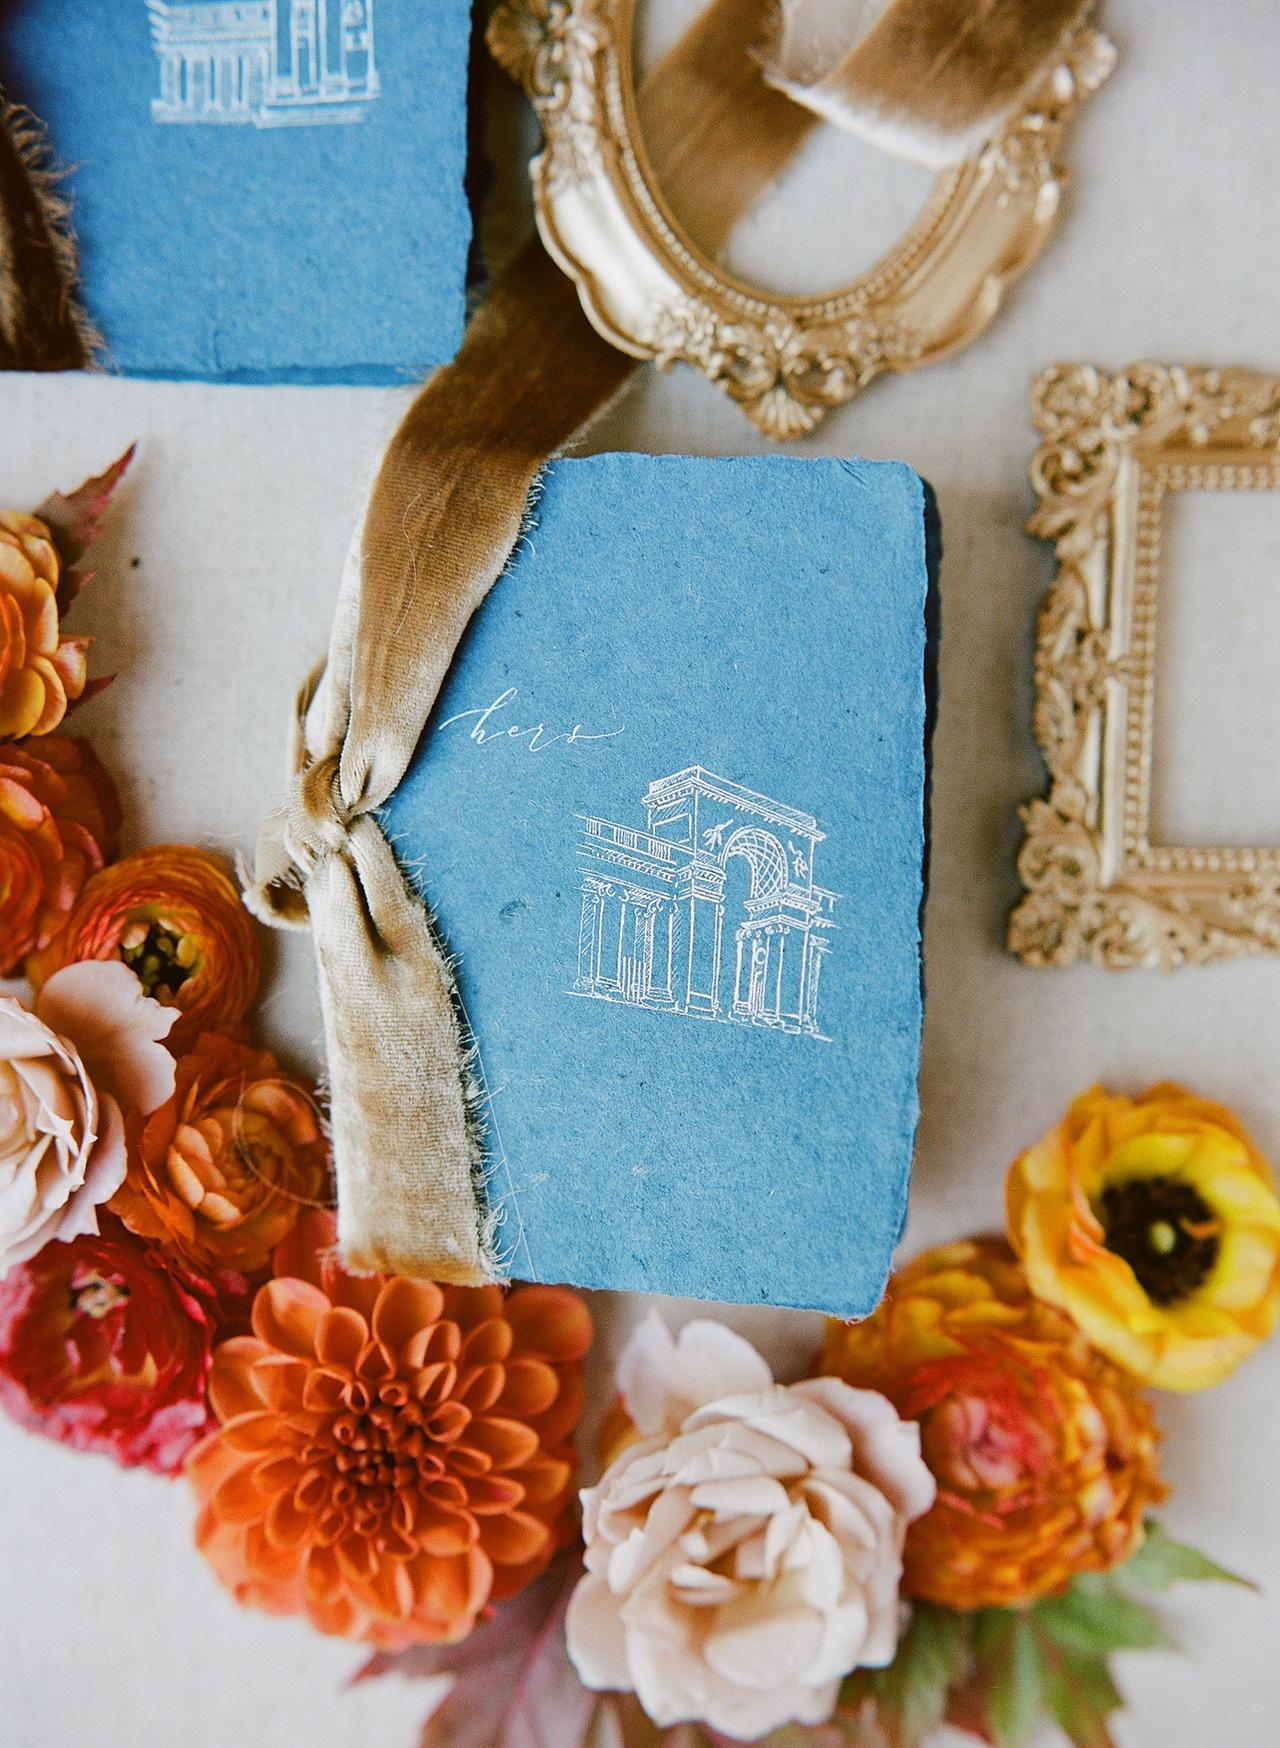 blue vintage-inspired vow books deckled edges